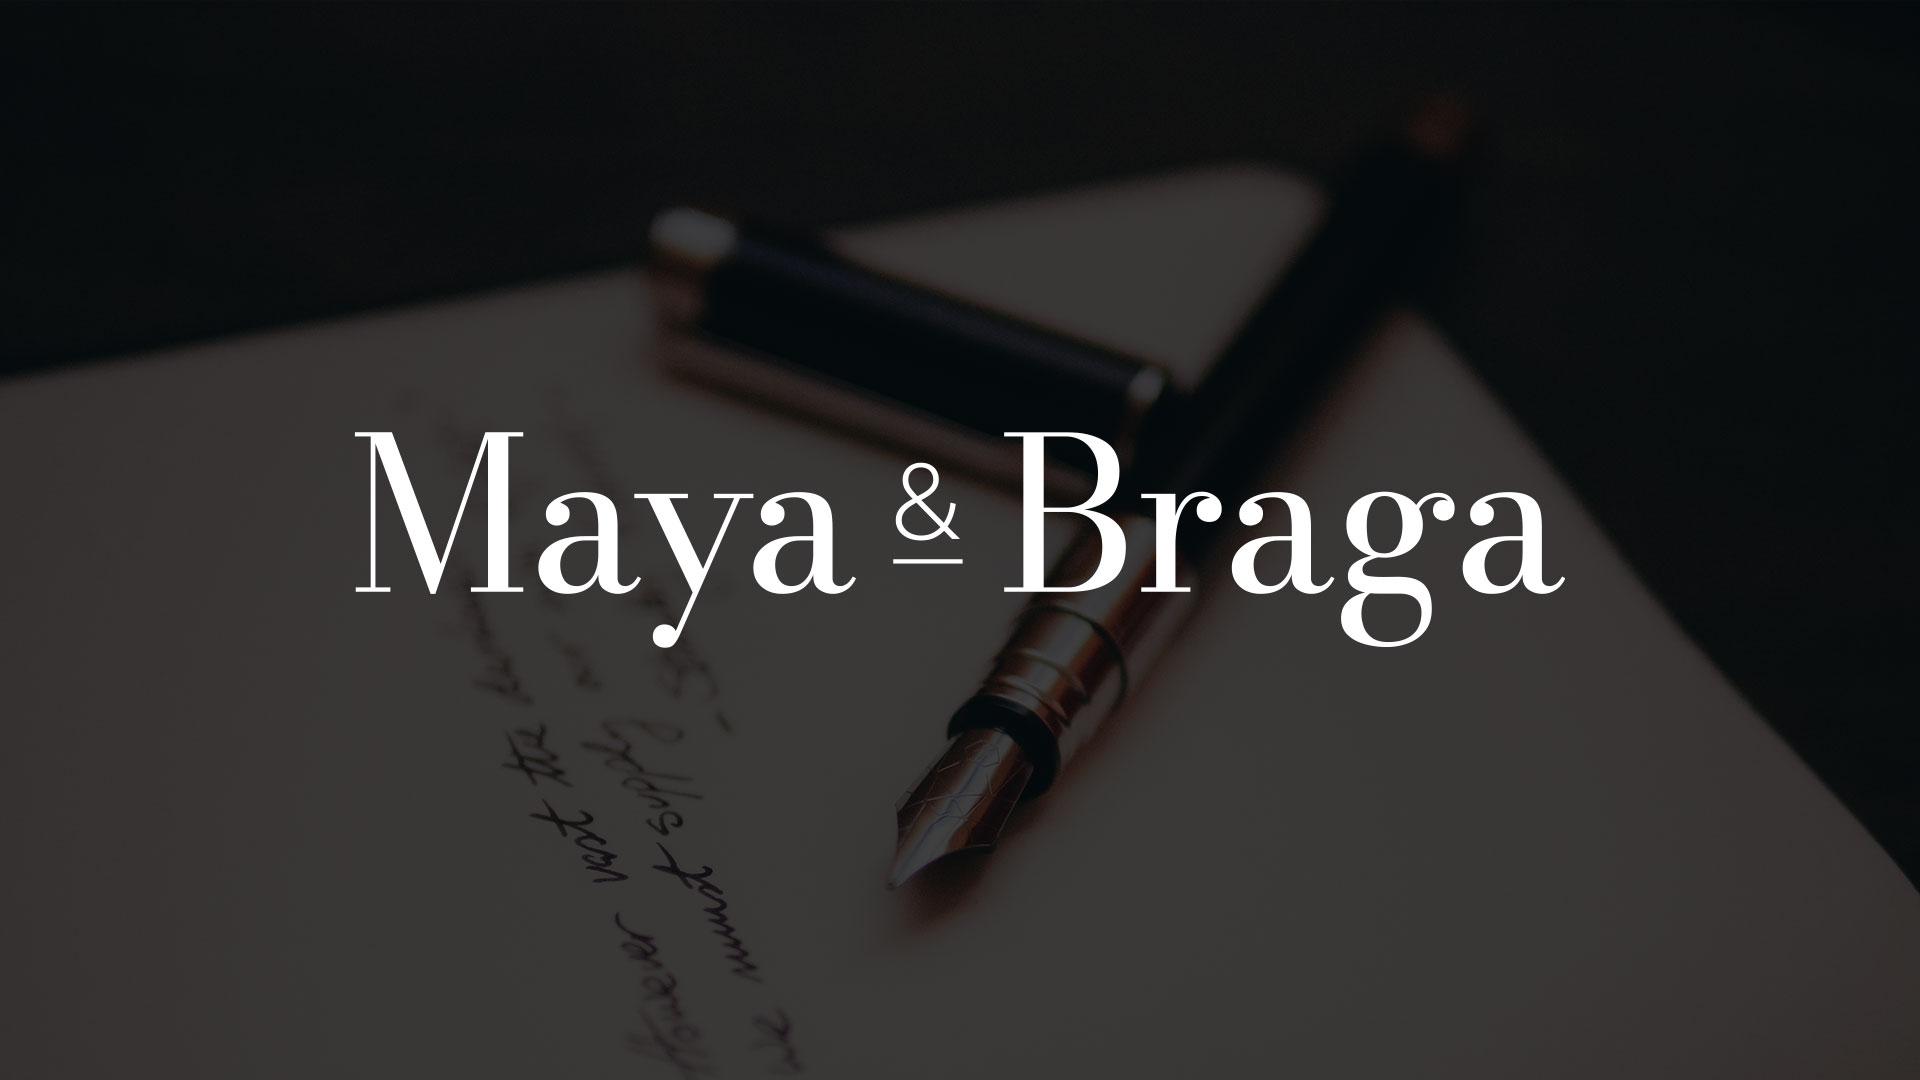 Maya e Braga logo